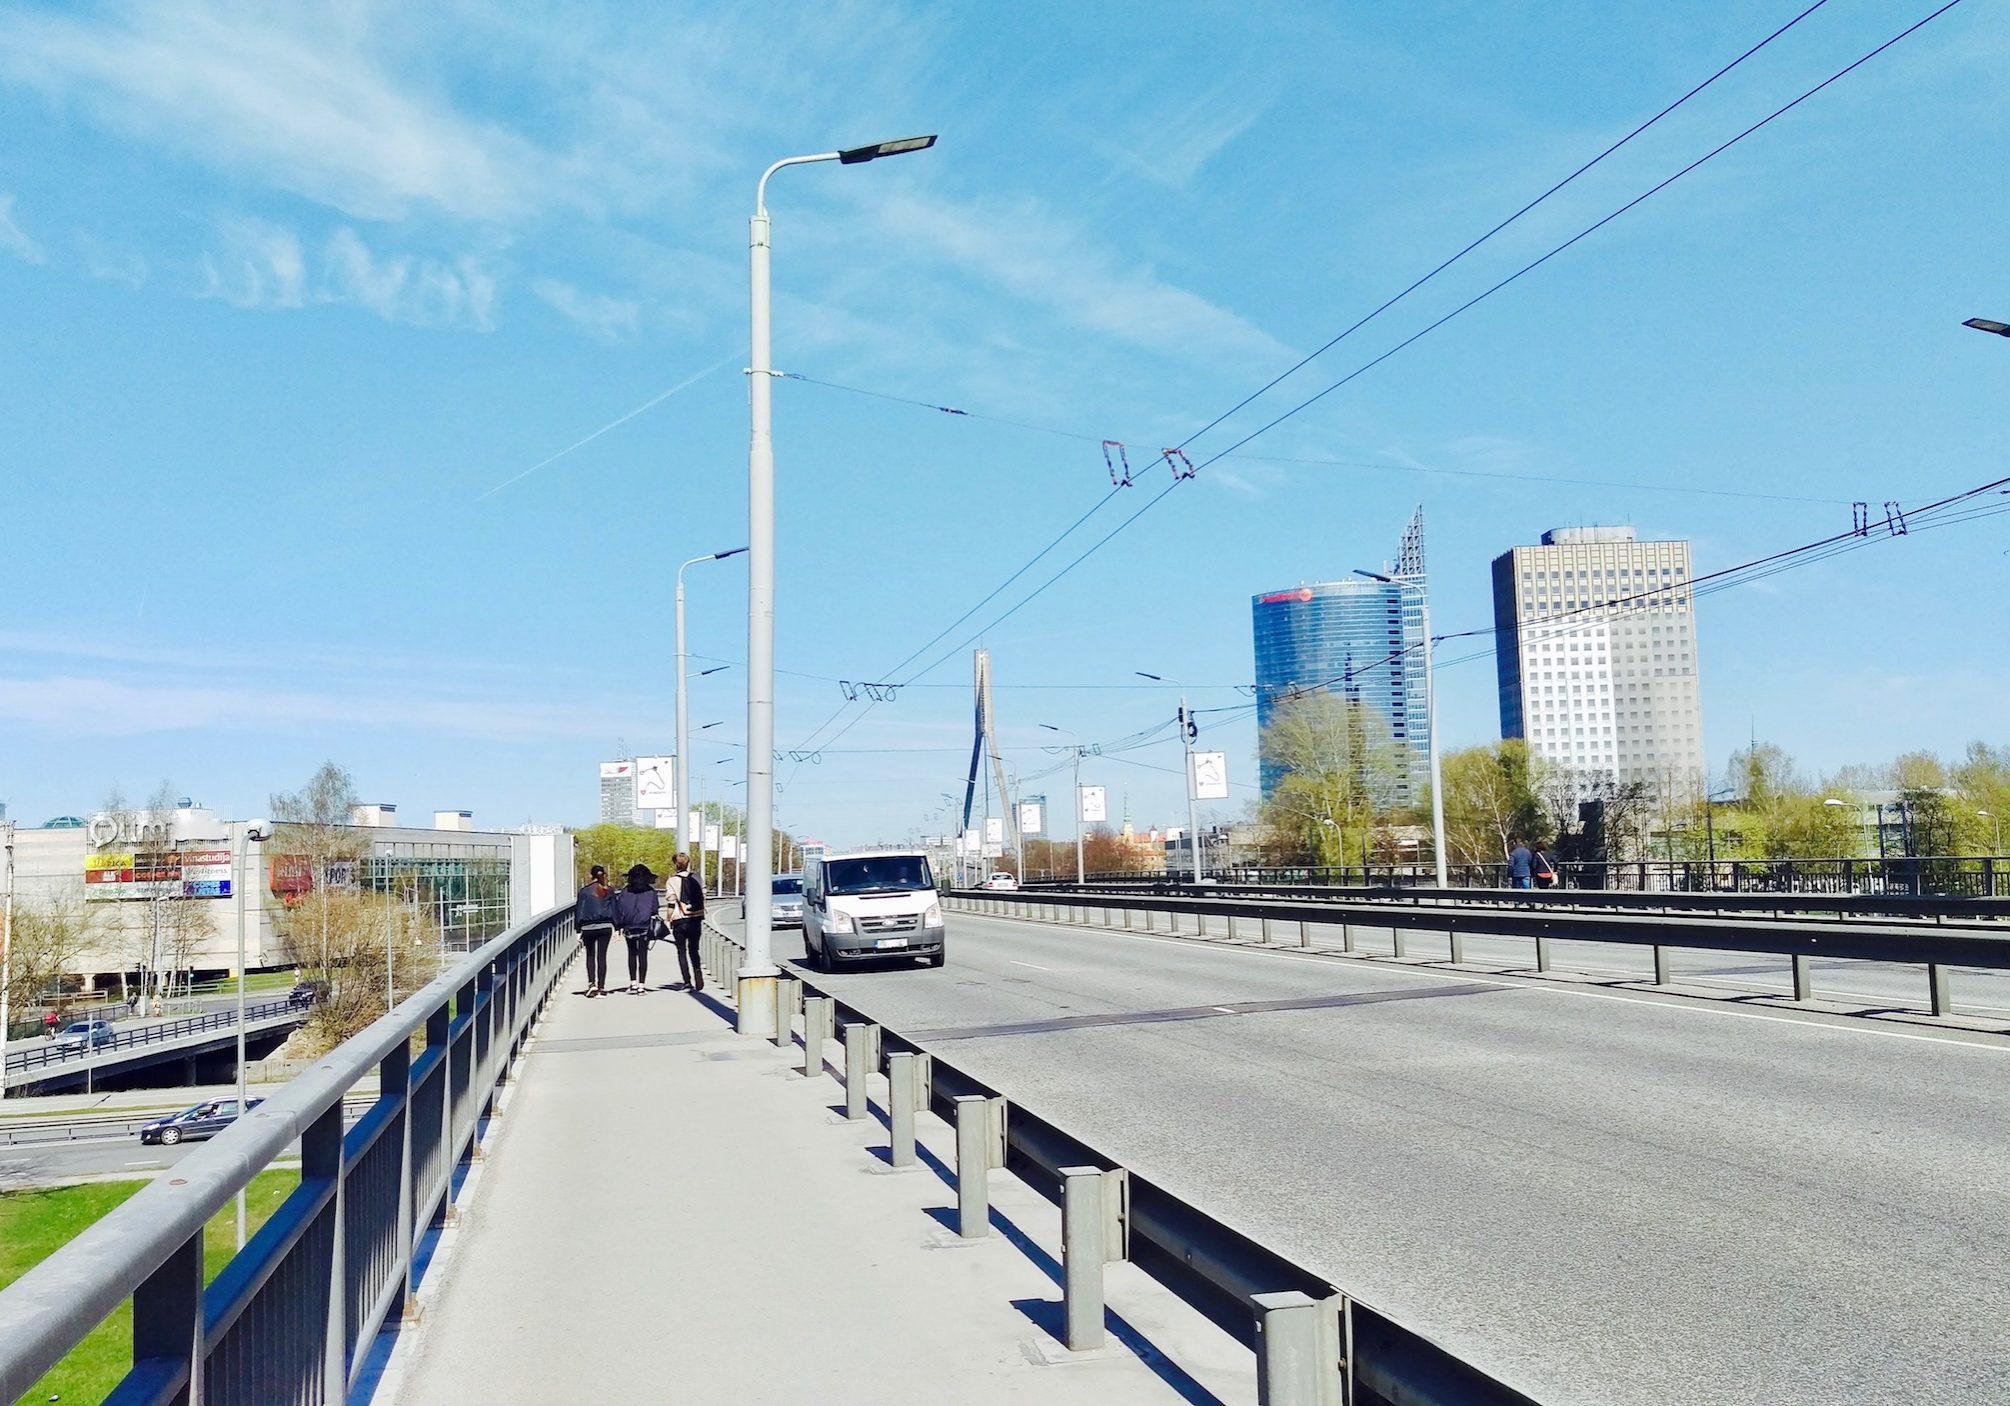 Krišjāņa Valdemāra street & Vanšu Bridge